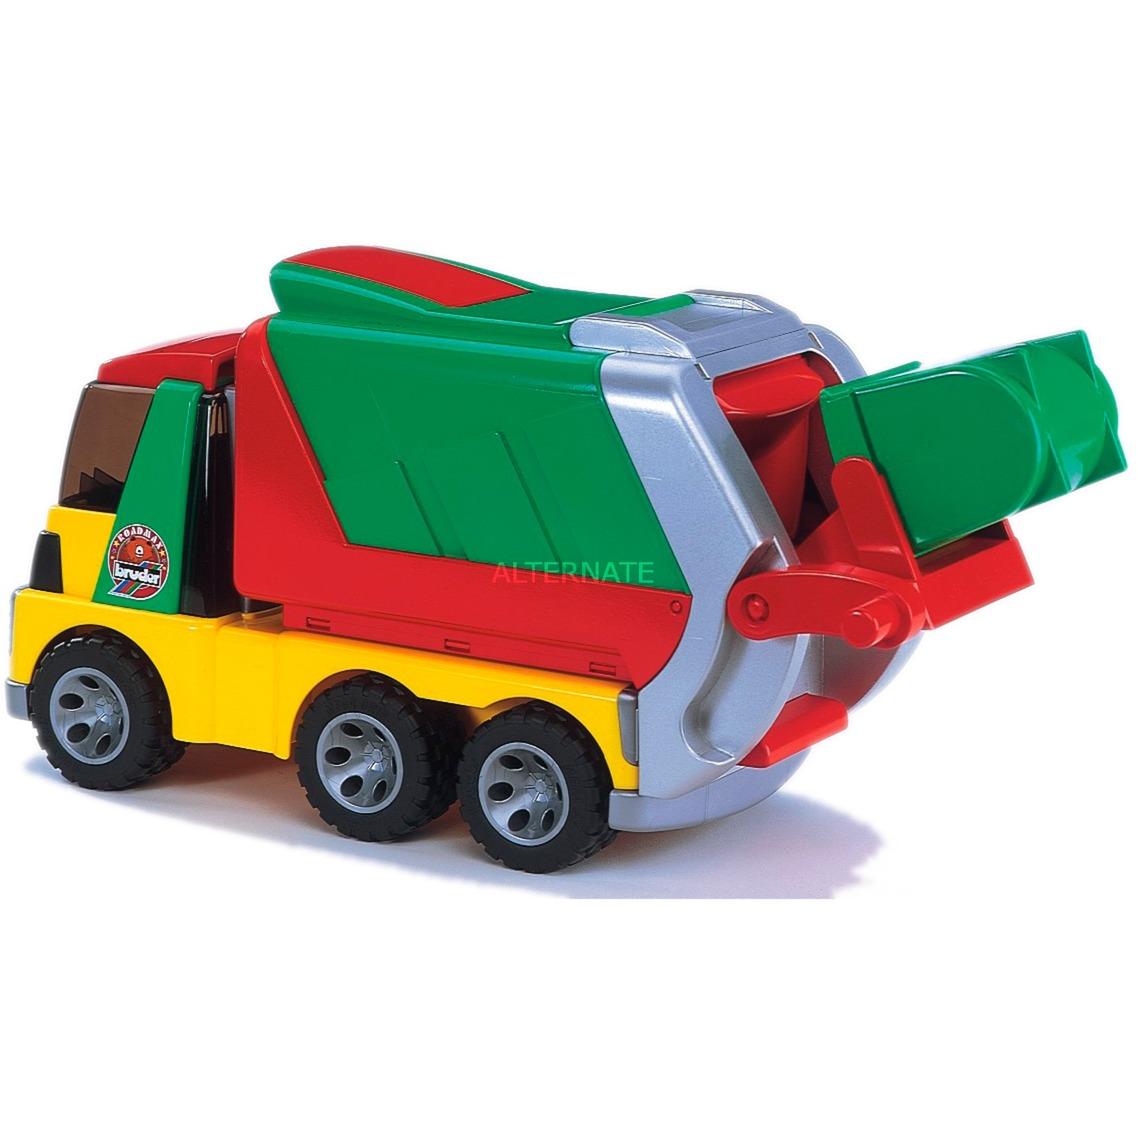 20002 vehículo de juguete